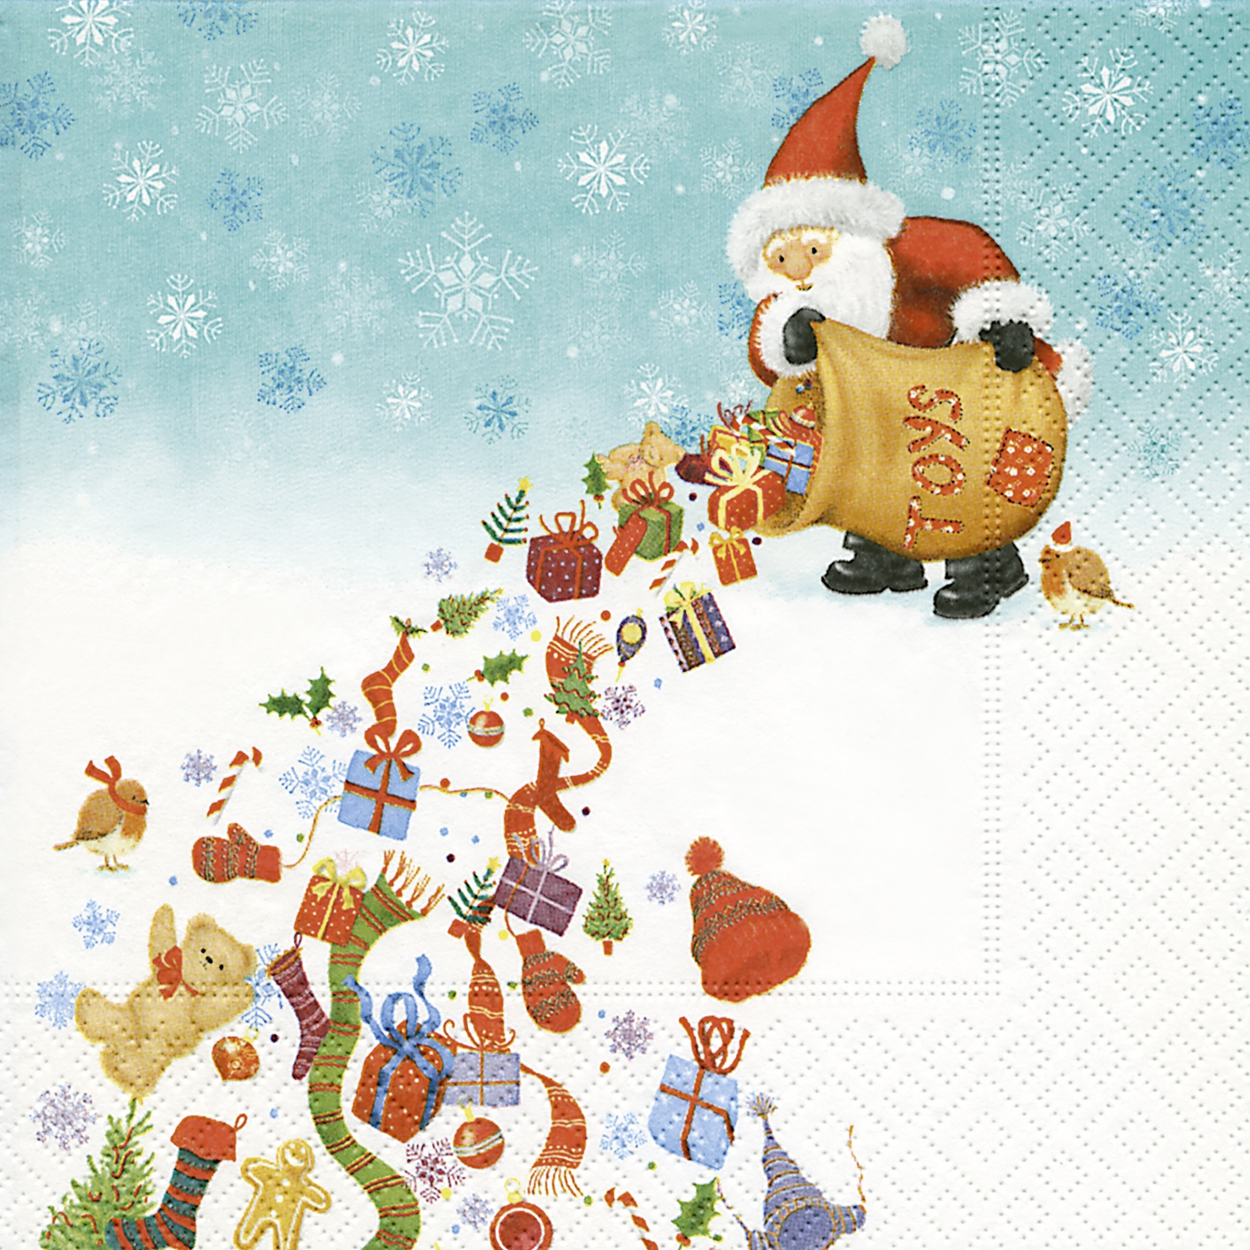 Servietten nach Motiven,  Weihnachten - Geschenke,  Weihnachten - Weihnachtsmann,  Weihnachten,  lunchservietten,  Weihnachtsmann,  Geschenke